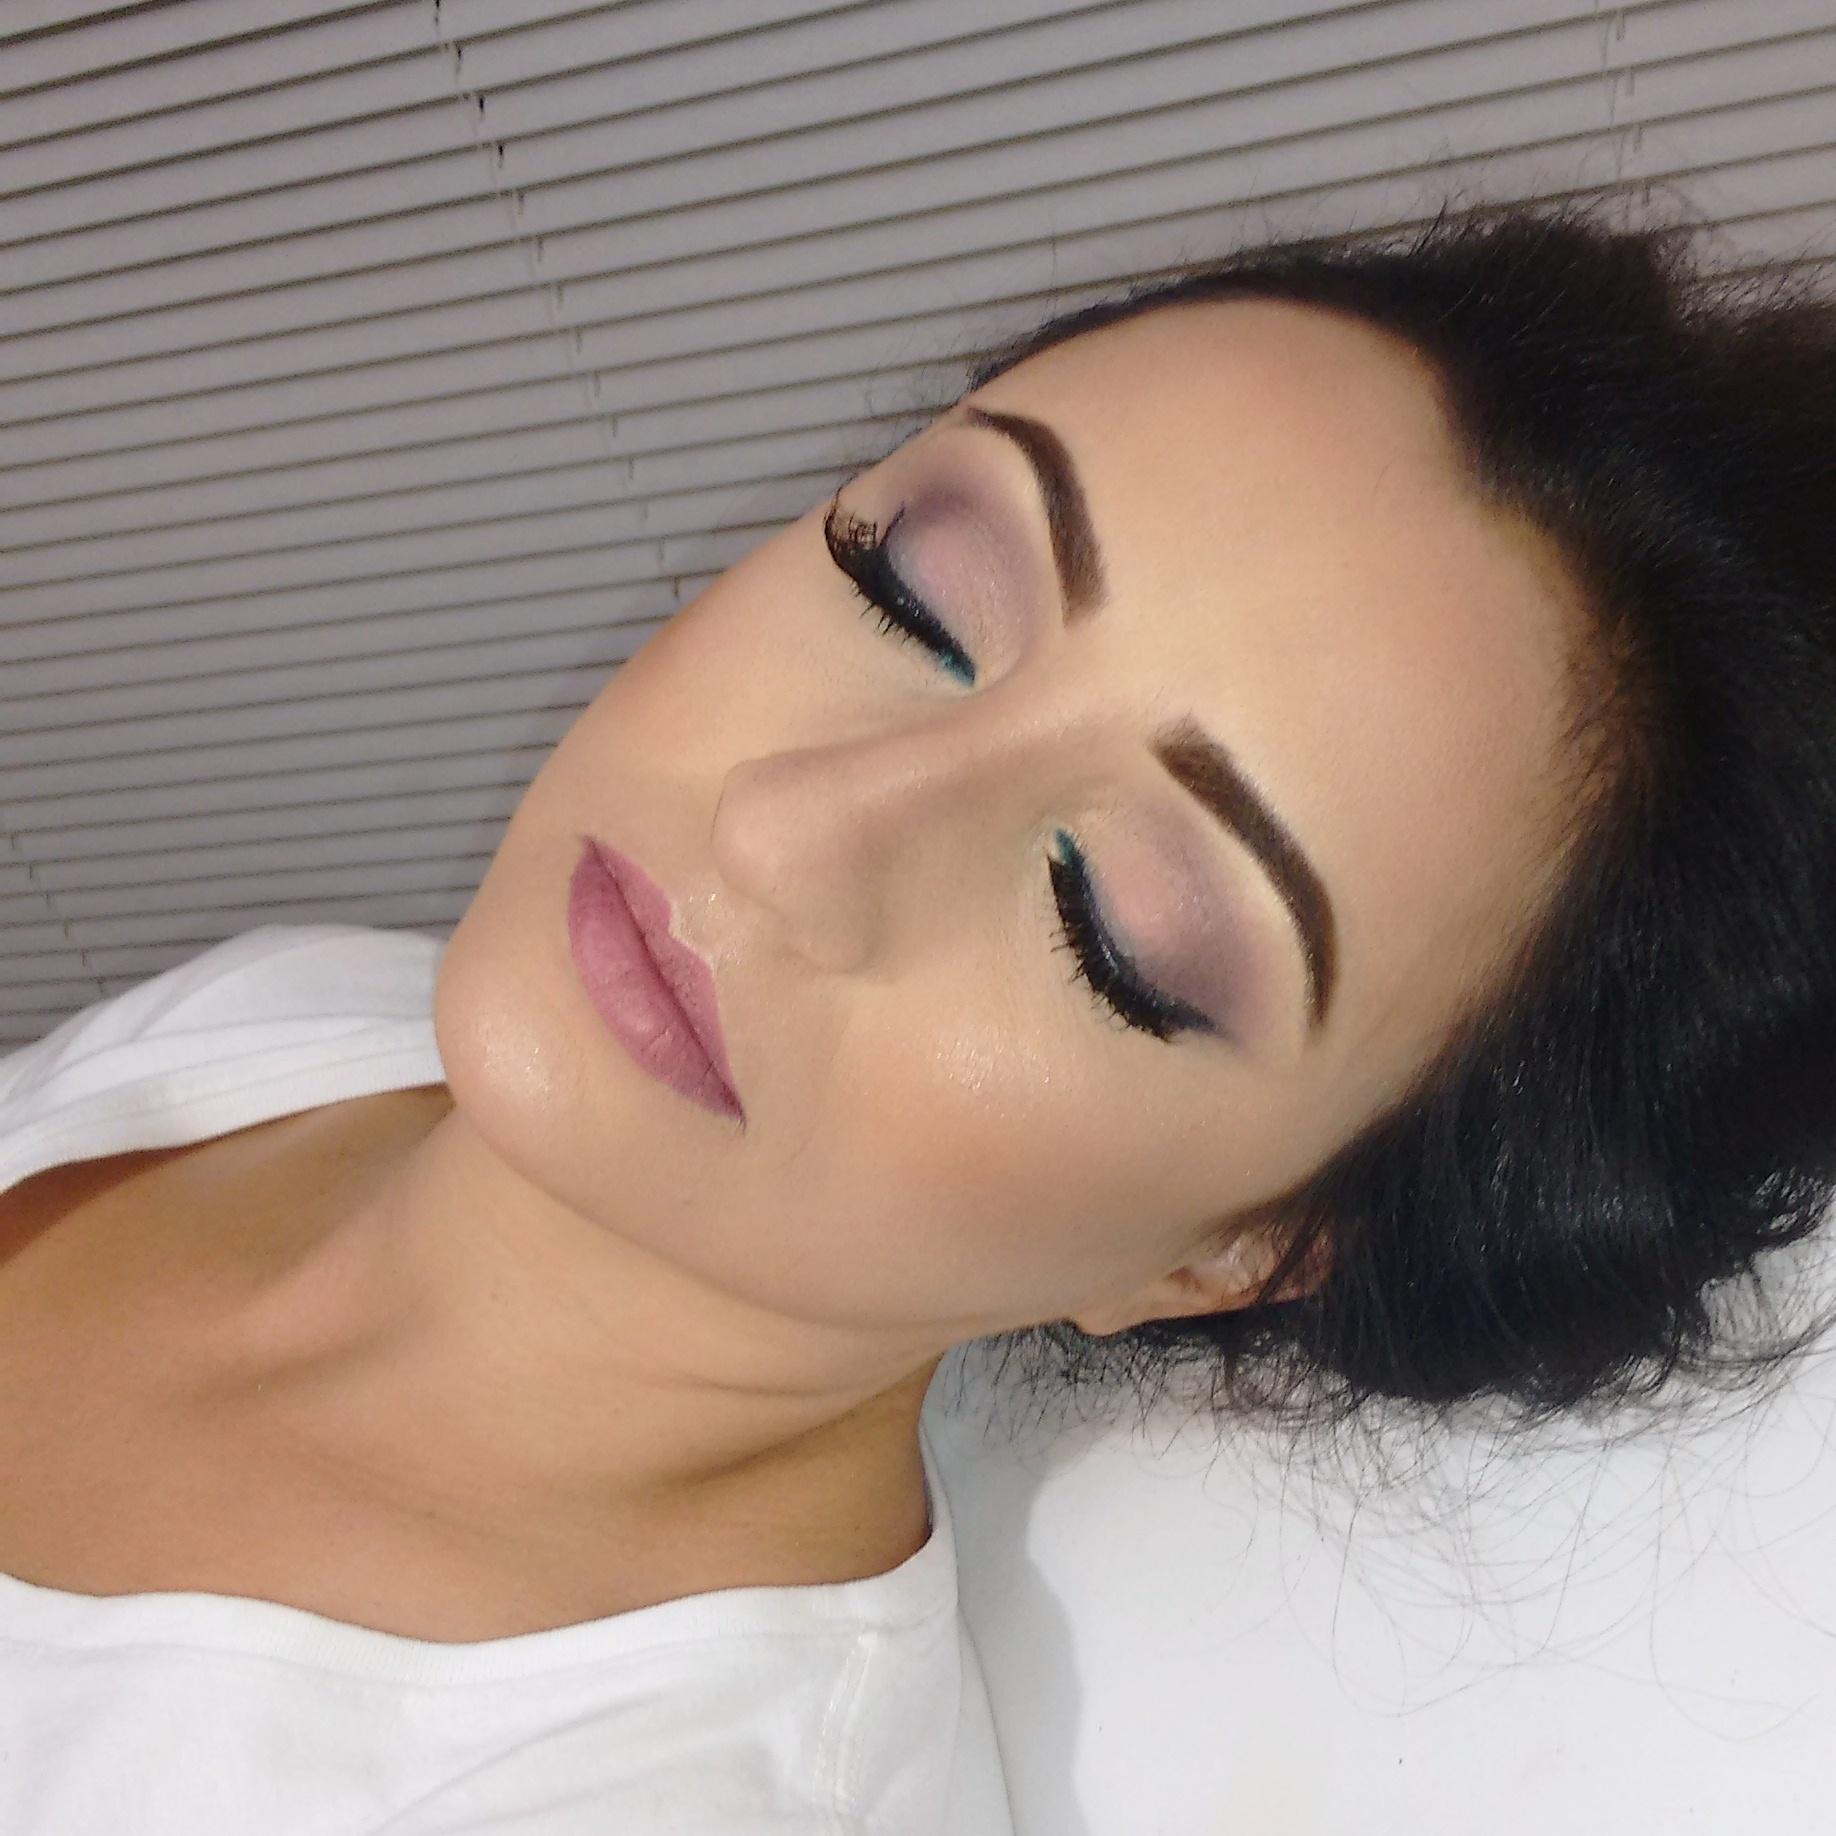 De olhos fechados... #julianaribeiromaquiagem #maccosmetics #anastasiabeverlyhills #maisvaidosa #loucaspormaquiagem #bride #ricosti #contem1g #julianaribeirolacra maquiagem maquiador(a) designer de sobrancelhas